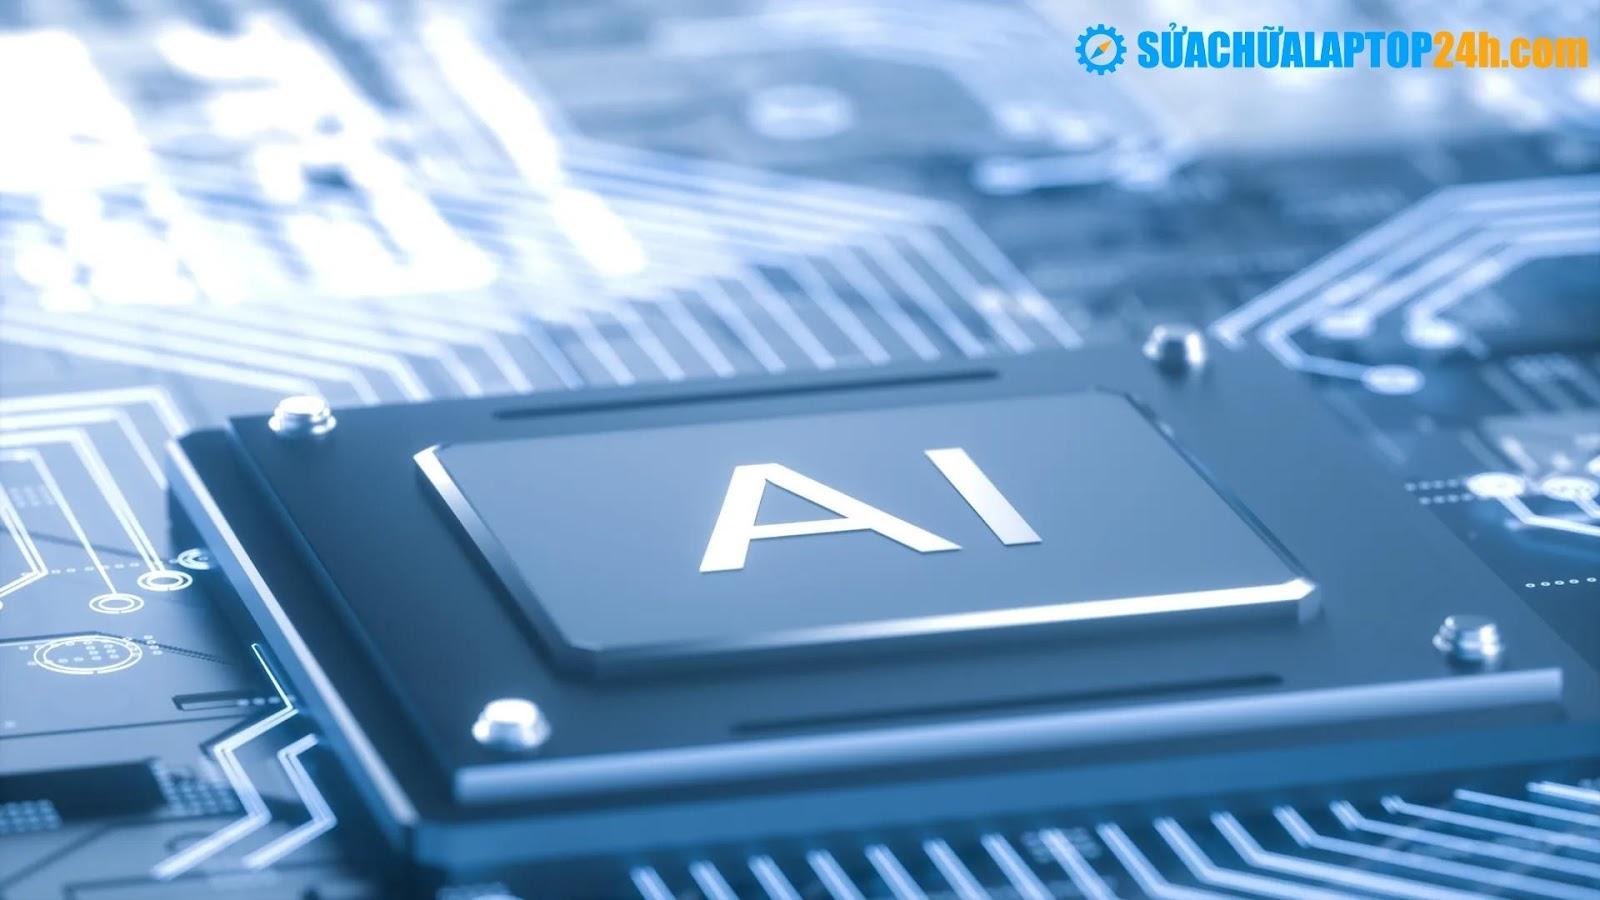 Công nghệ trí tuệ nhân tạo được đưa vào sản xuất chip